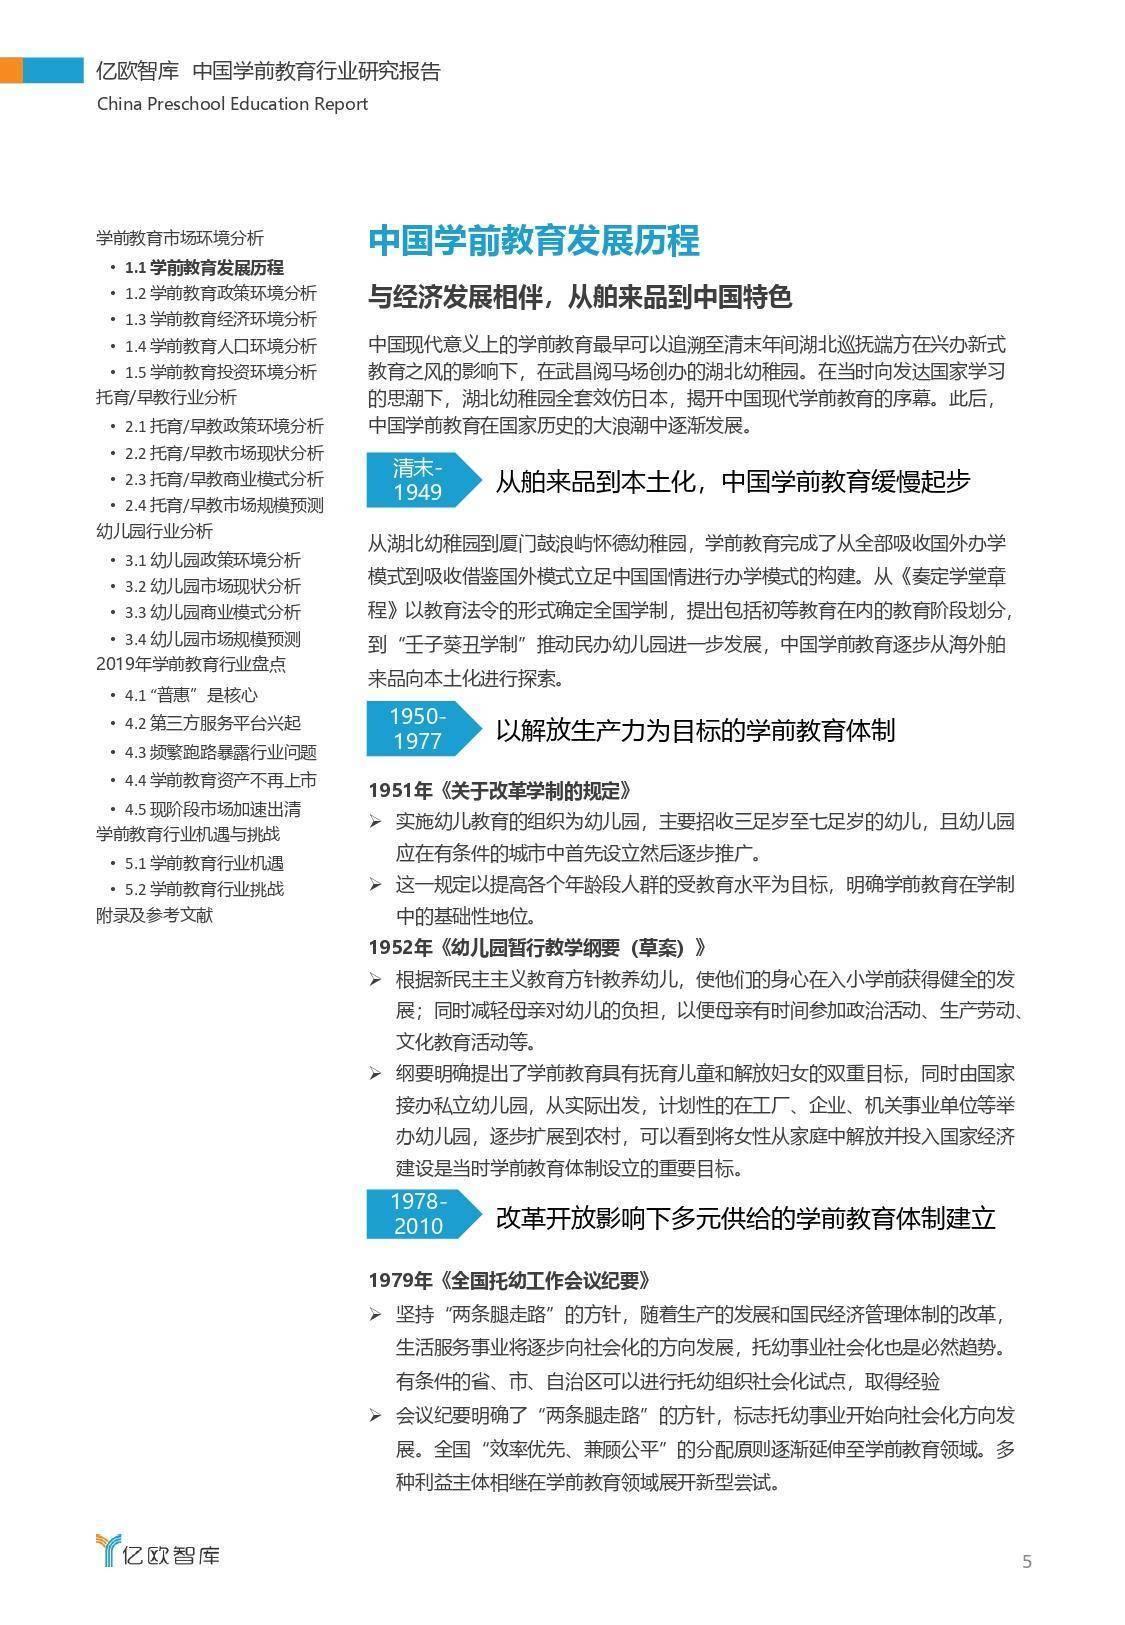 亿欧智库:中国学前教育行业研究报告